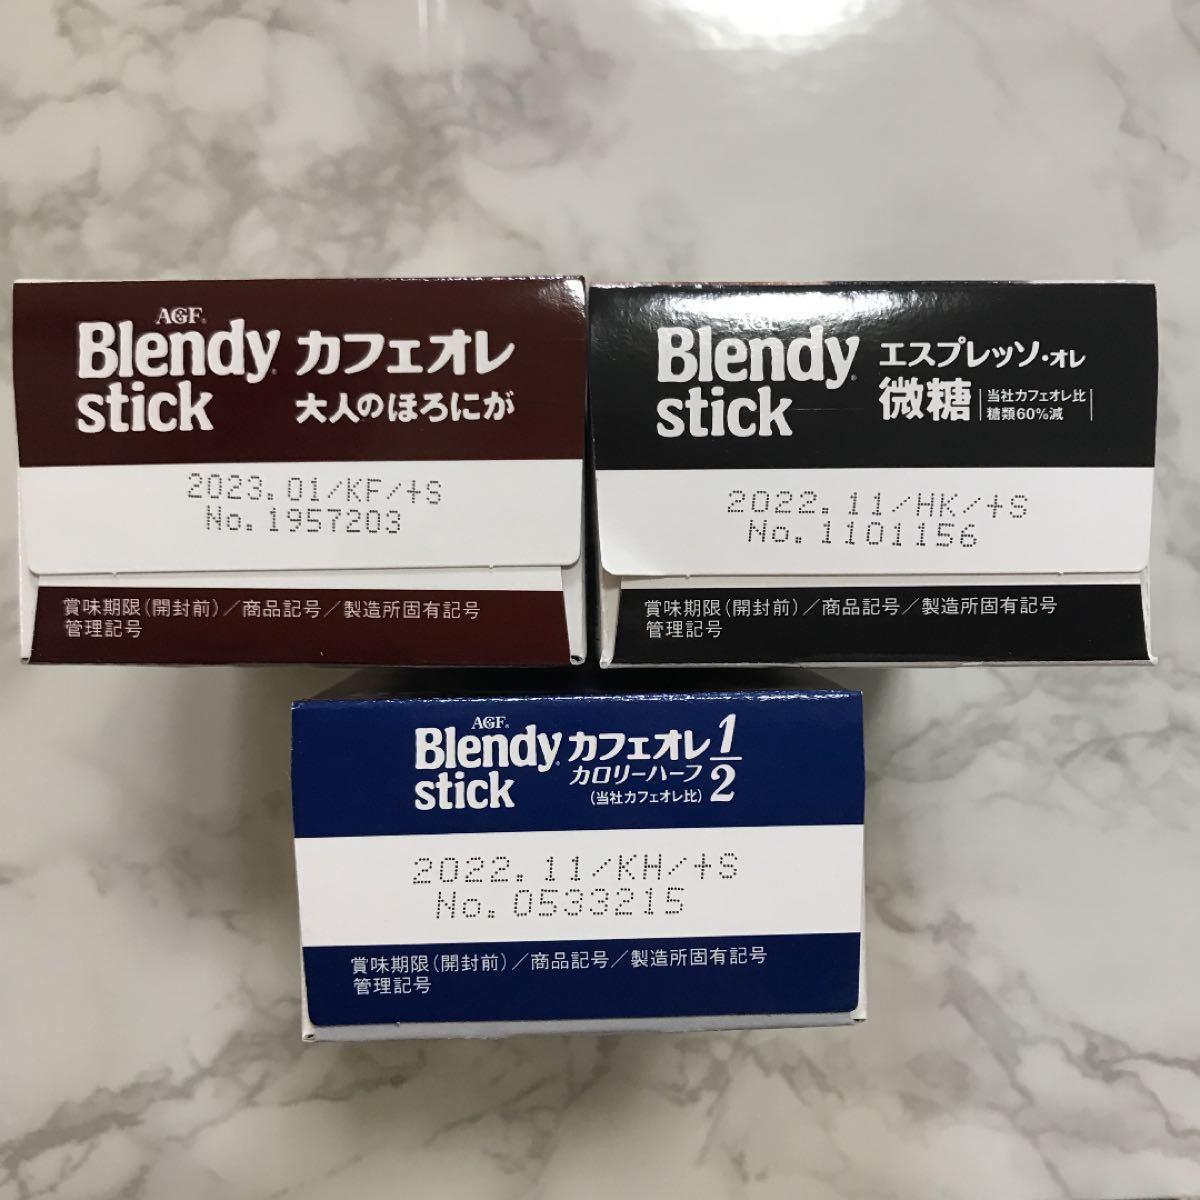 お値下げ中☆ ブレンディ スティック カフェオレ 3種×3箱セット